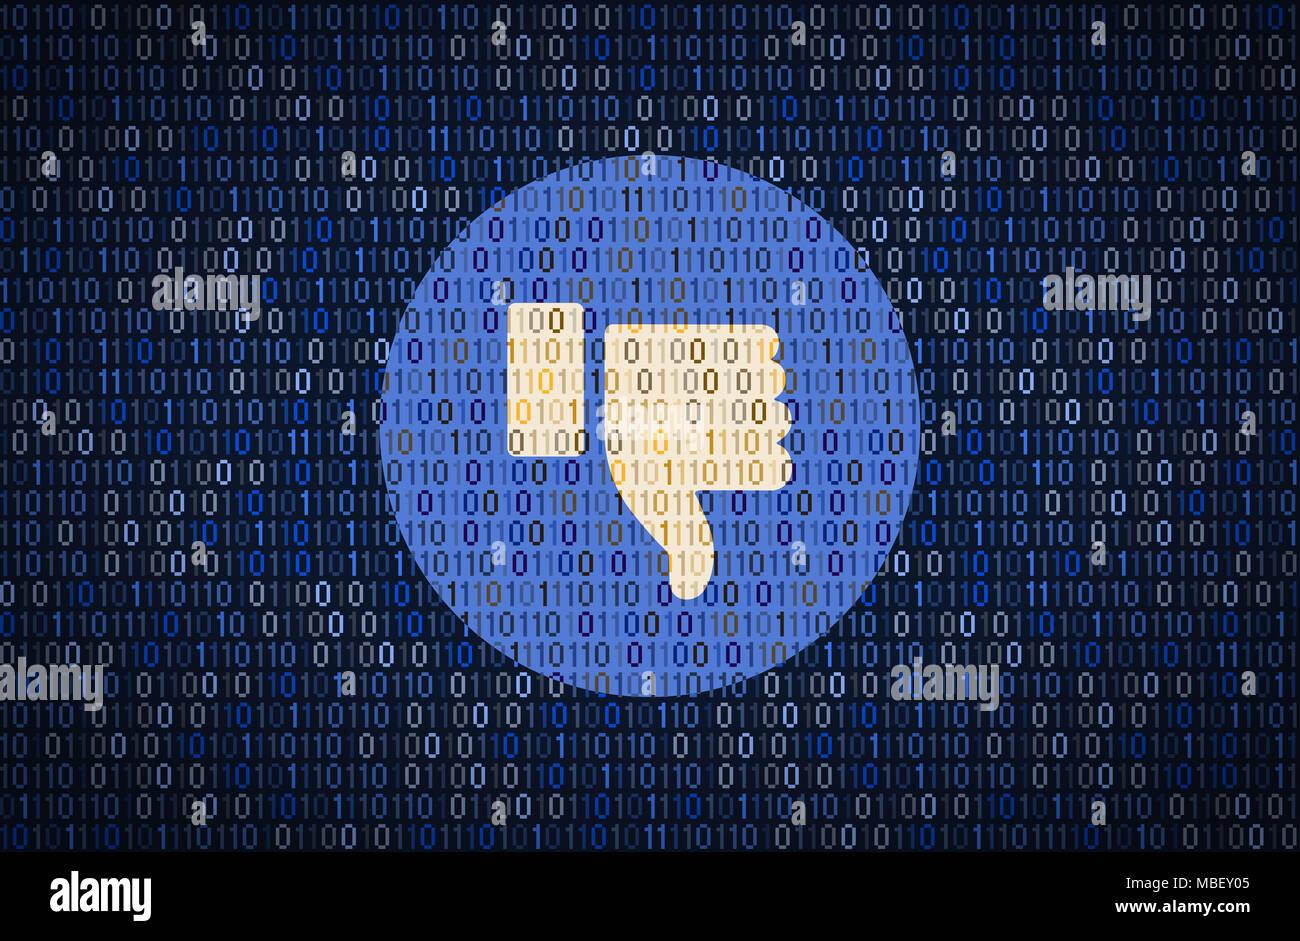 GALATI, Rumänien - 10. APRIL 2018: Facebook Daumen runter Sicherheit und Datenschutz. Data encription Konzept Stockbild